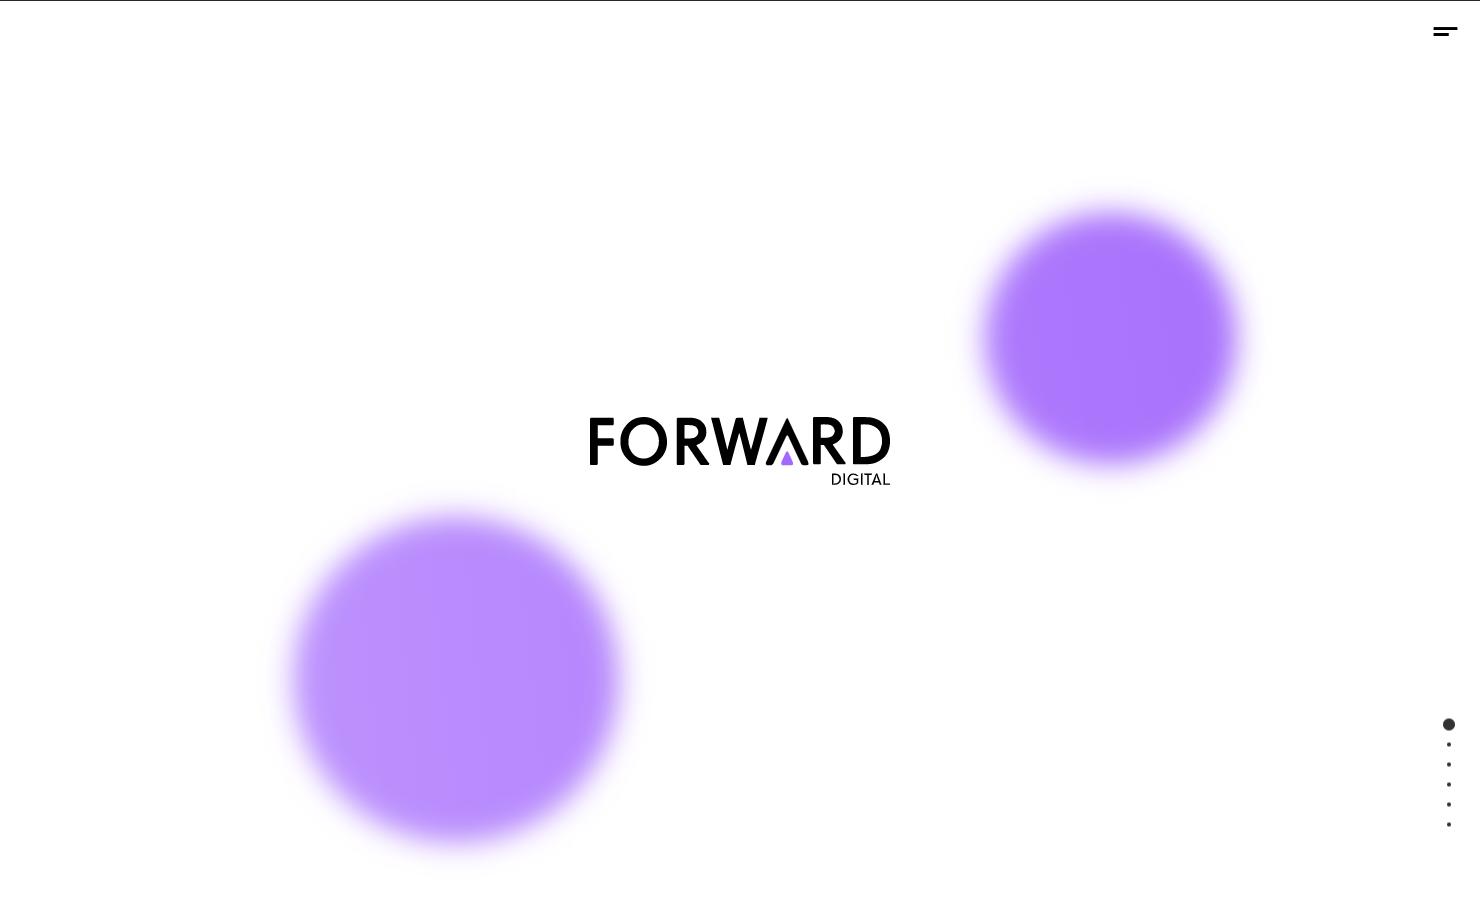 Forward Digital